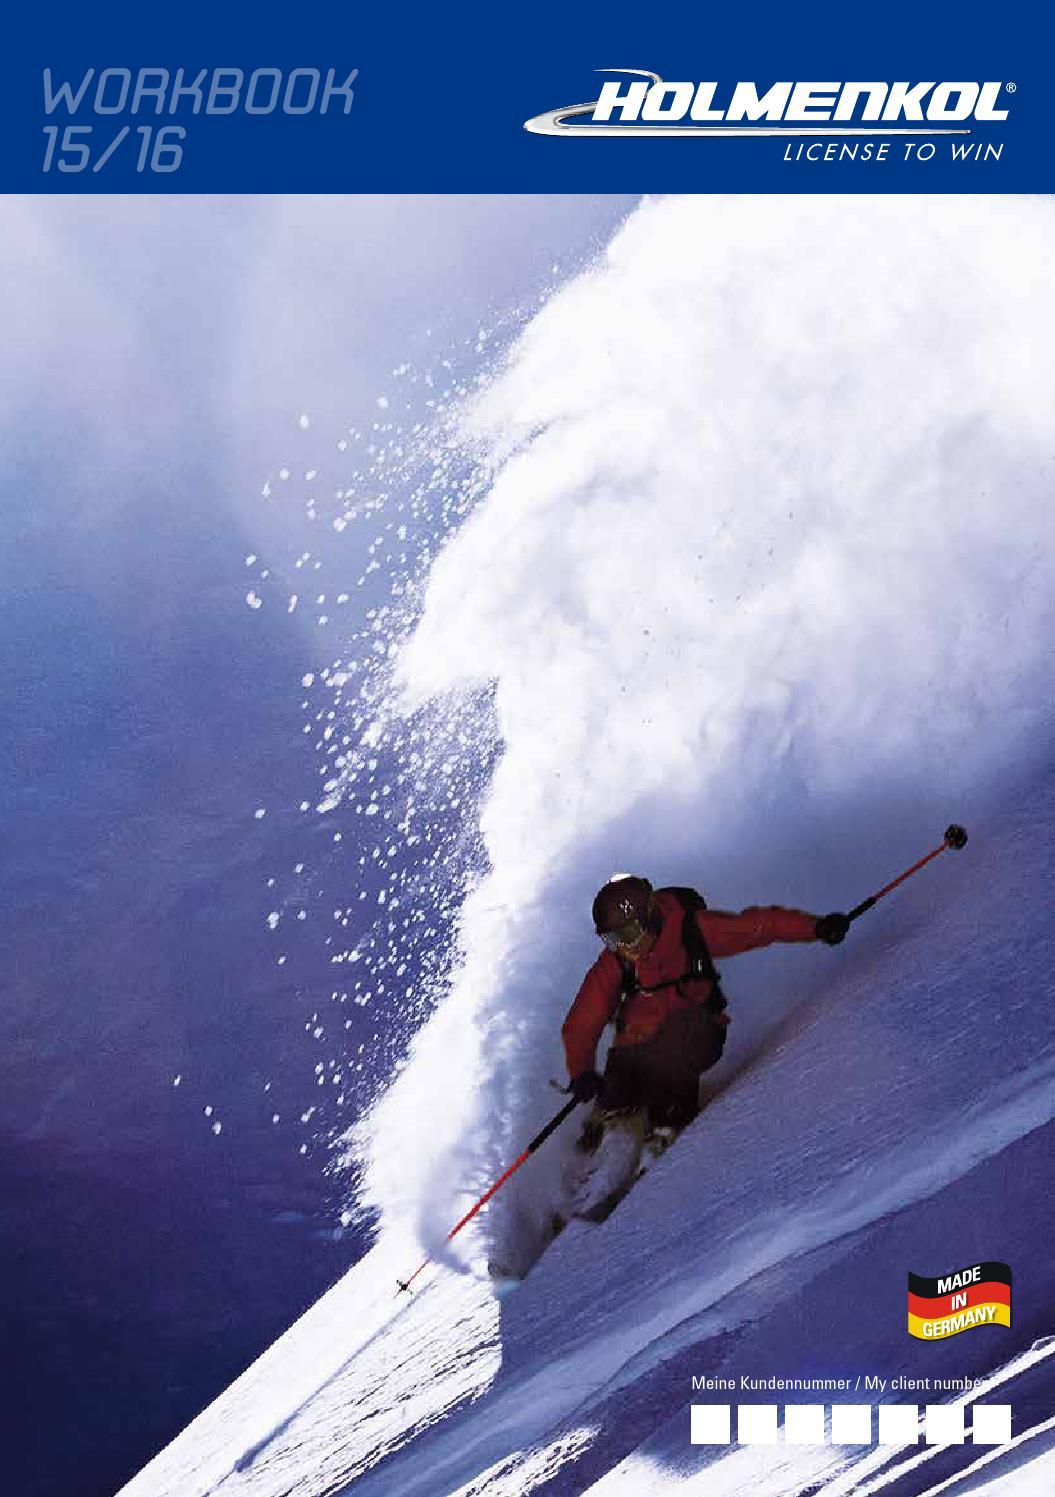 Holmenkol CrossFile MINI Professionelle Feile Reperaturen Ski Snowboard